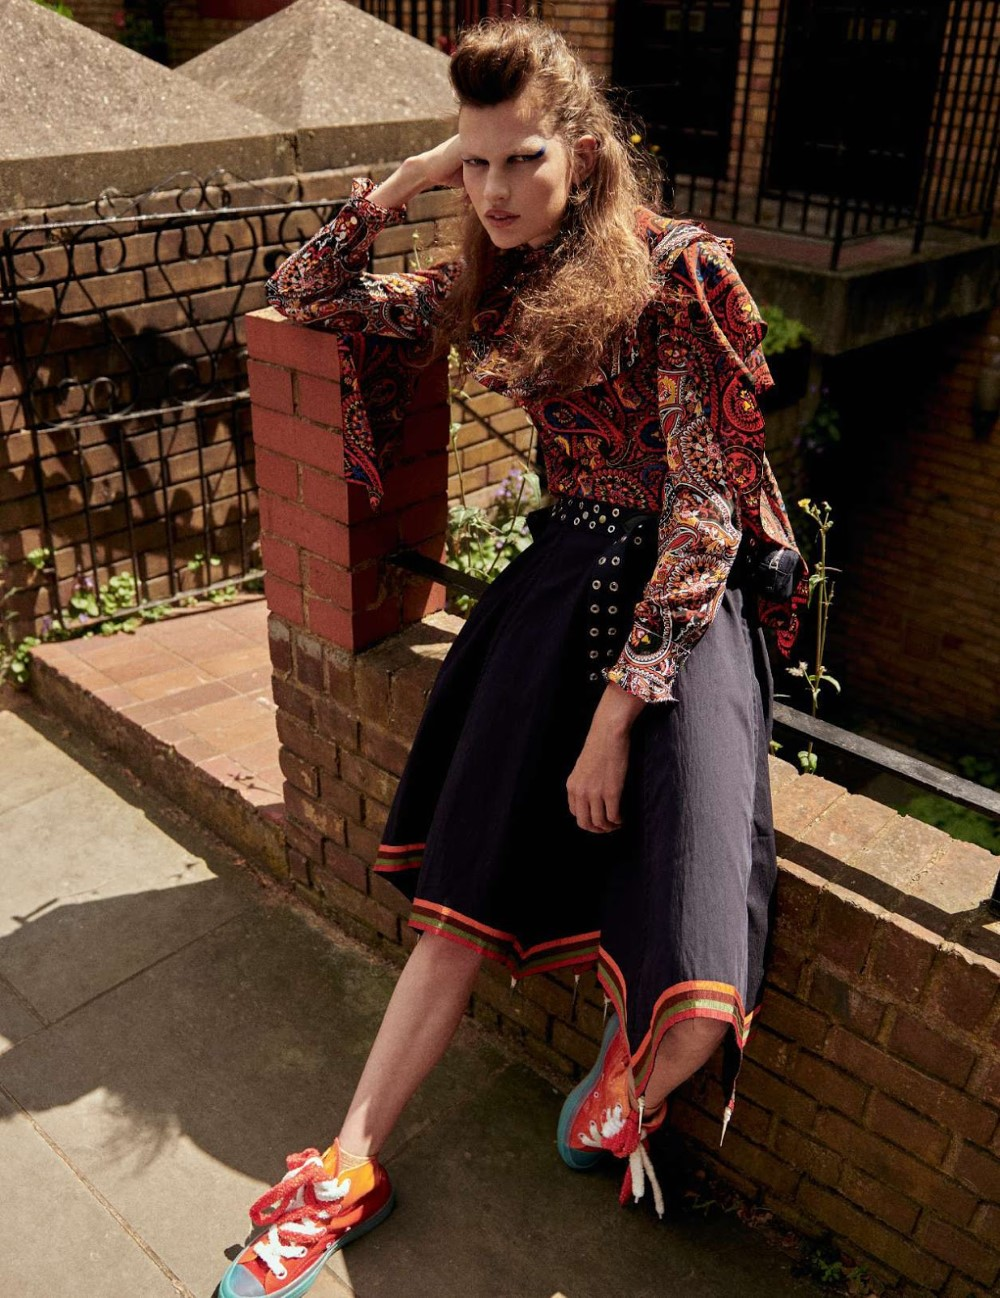 Bette Franke covers Elle France August 24th, 2018 by Sam Hendel